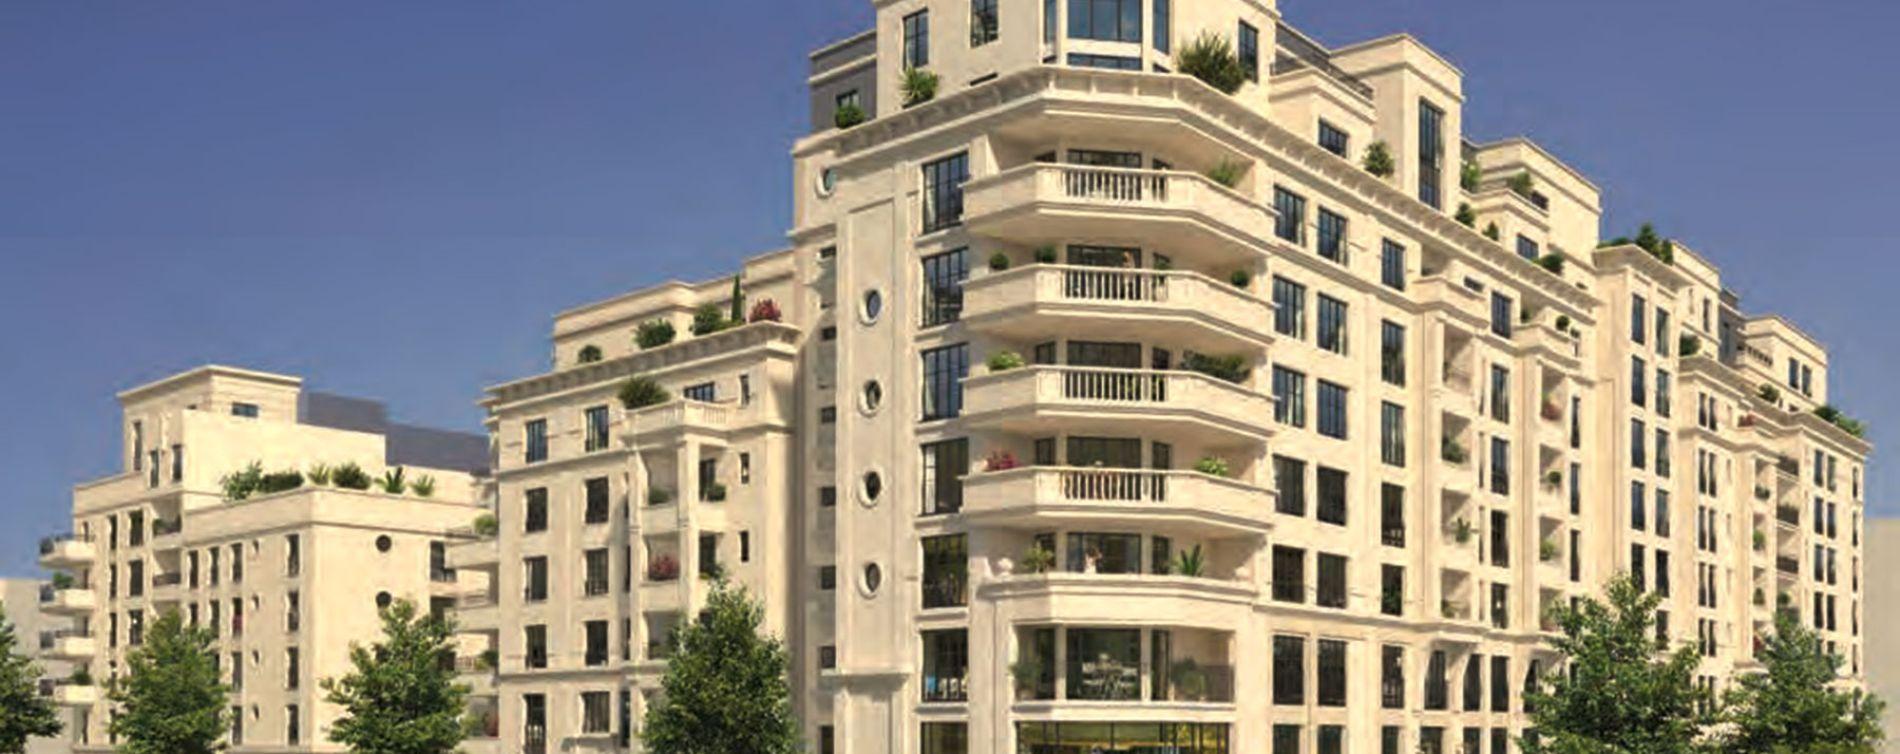 Résidence Rue Pablo Picasso - Bât. D à Saint-Ouen